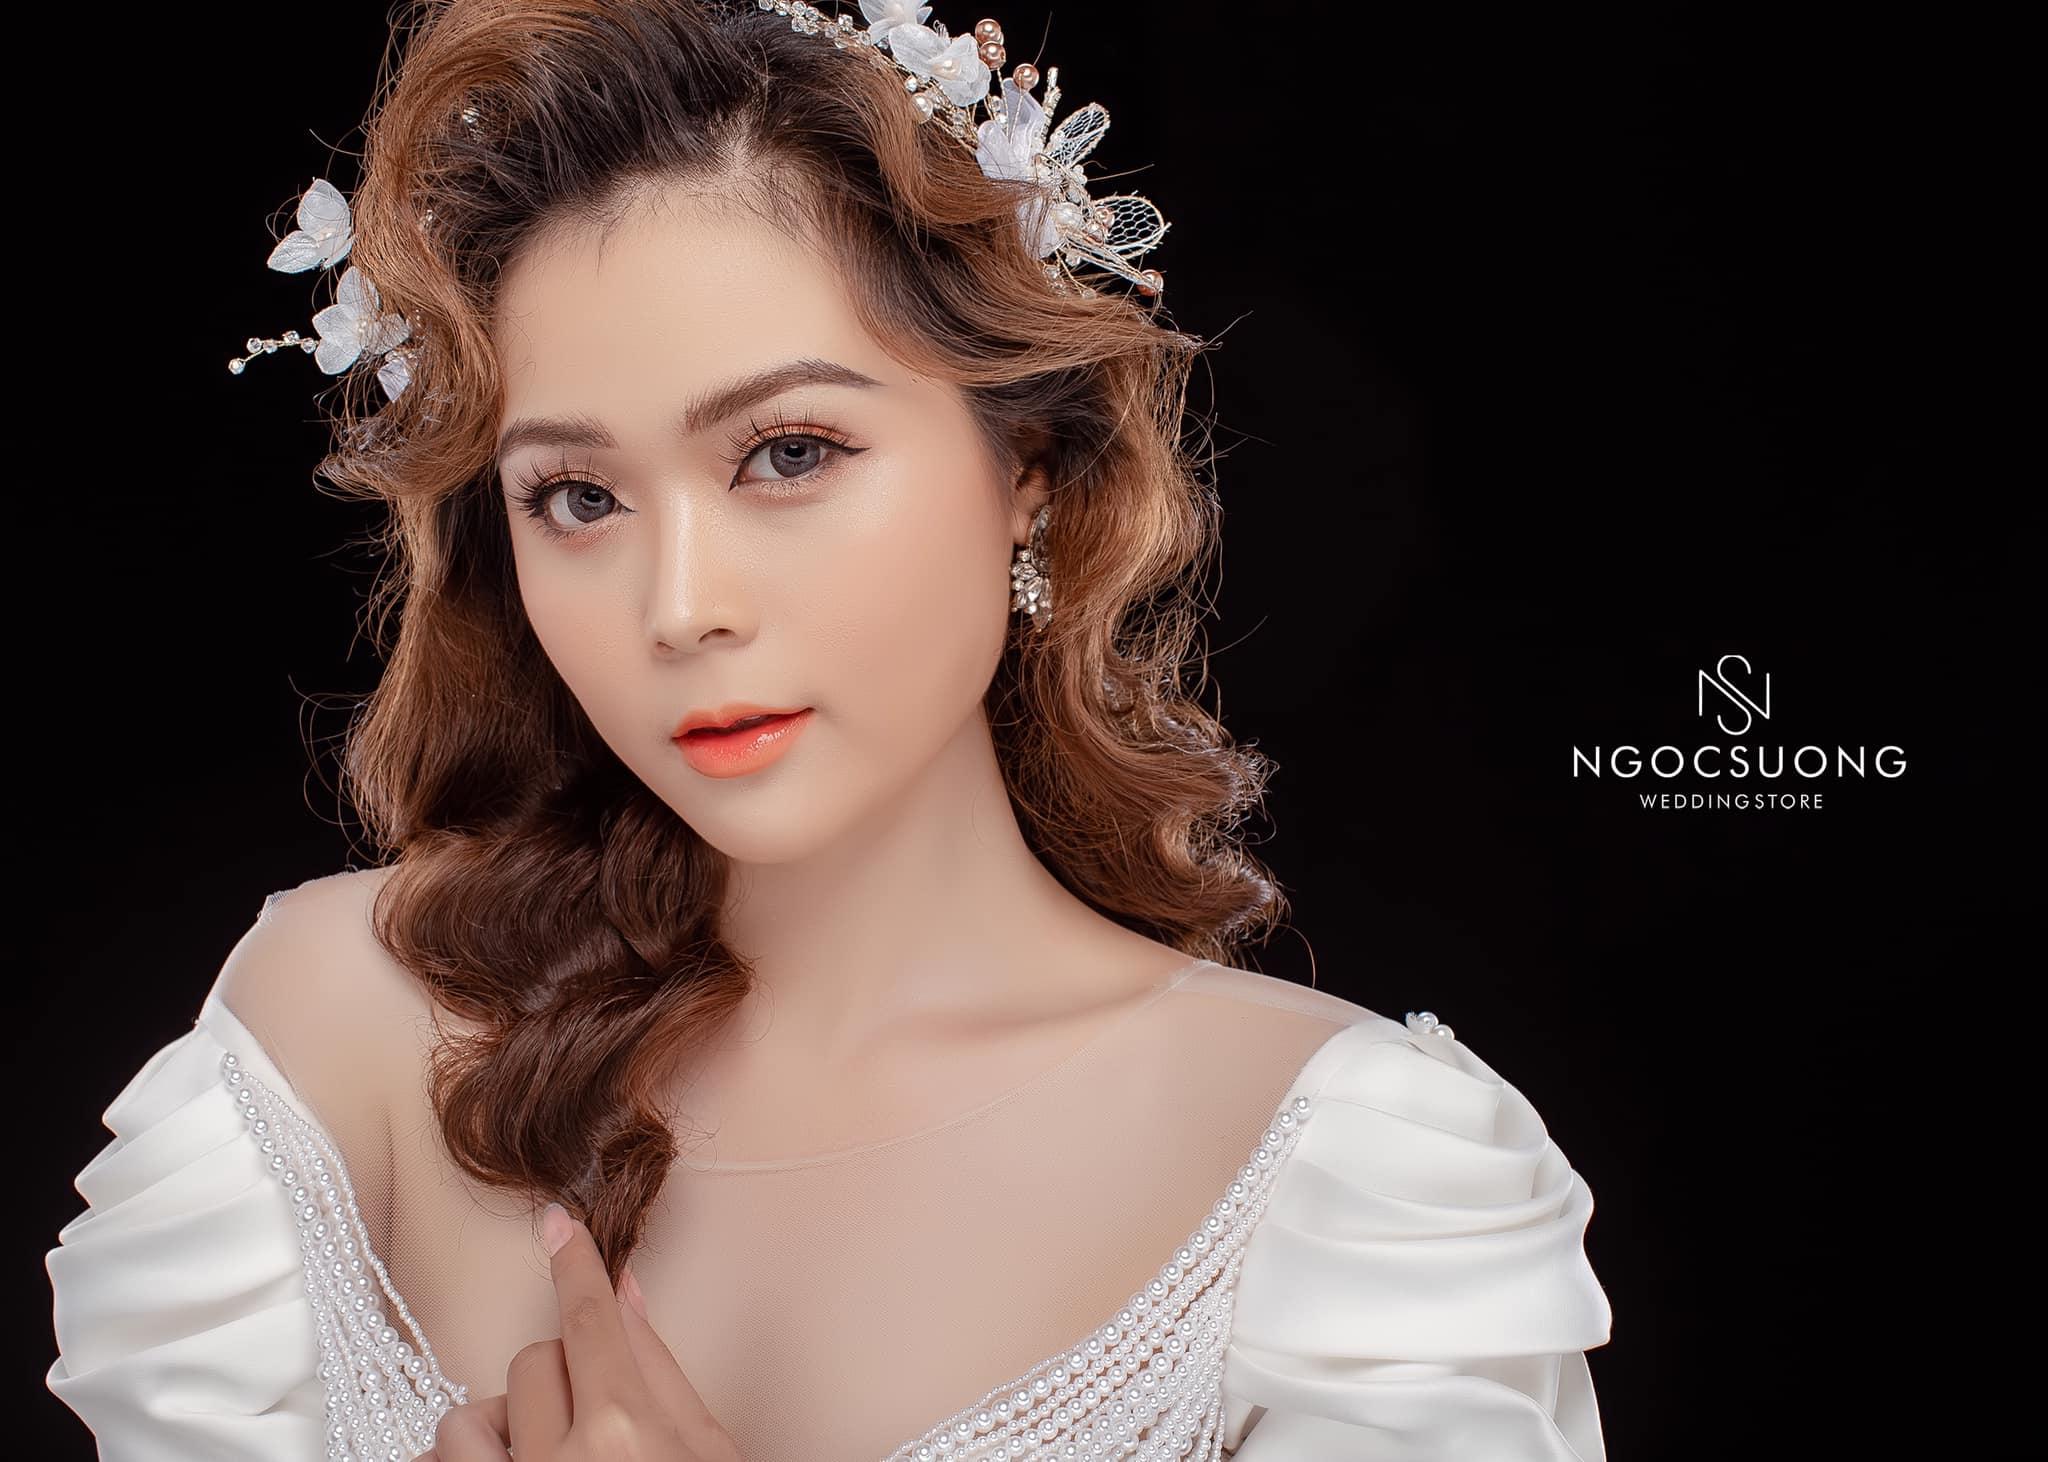 Top 7 tiệm trang điểm cô dâu đẹp nhất tại Cần Thơ -  Ngọc Sương Makeup